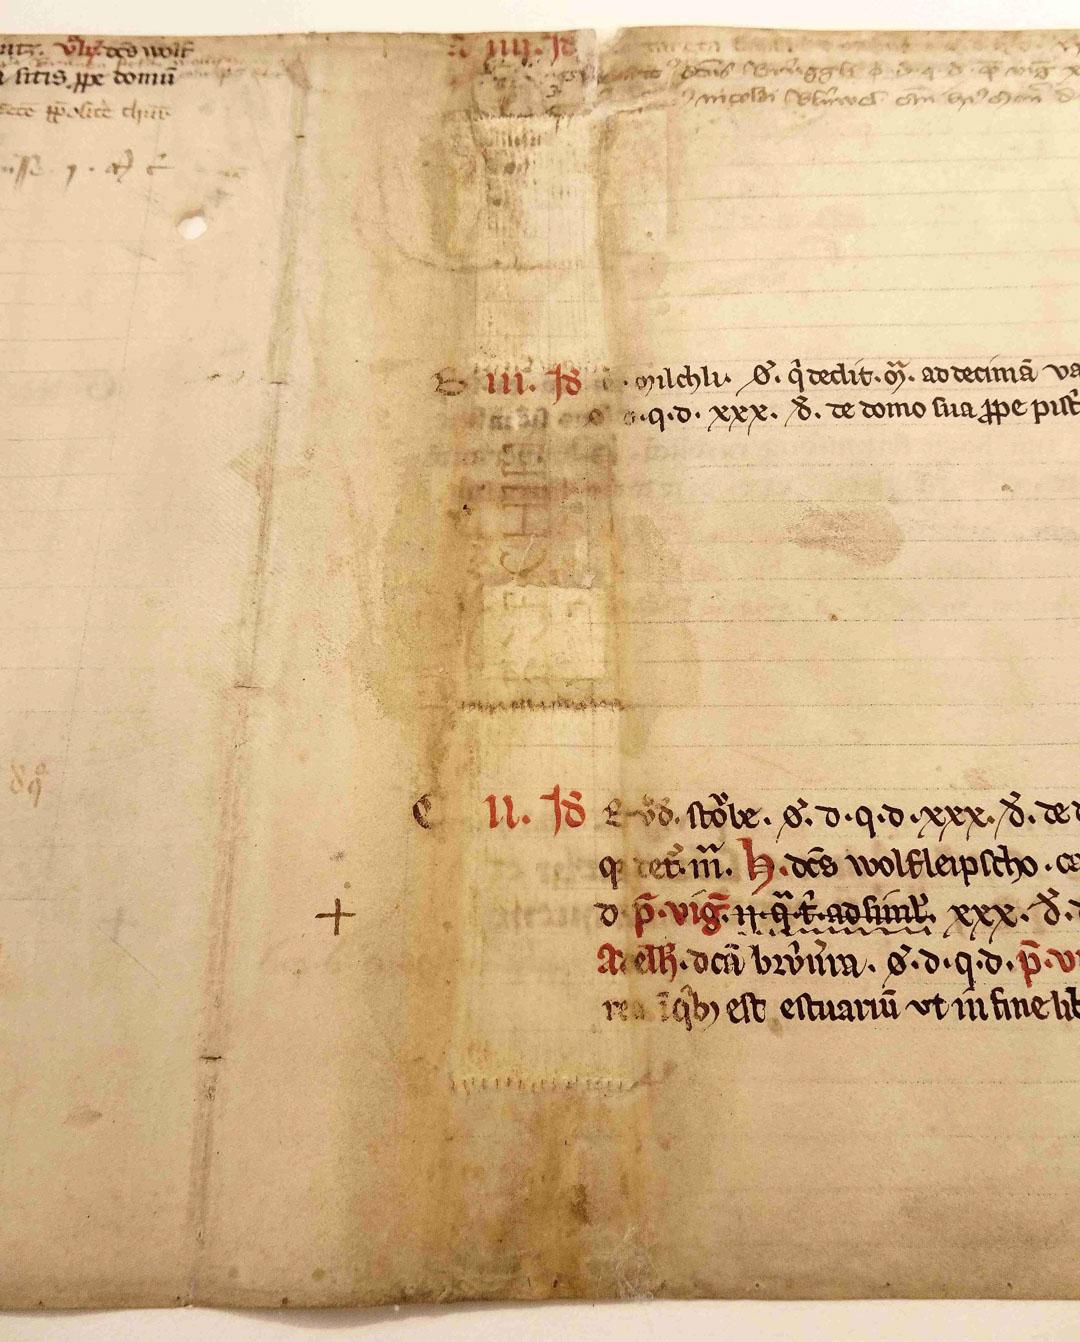 Man sieht deutlich den ehemaligen Buchrücken, mit der hellen Stelle des einstigen Signaturschildes. 4 Bünde, quer zum Rücken, sind durch die vielen kleinen Heftlöcher sichtbar. Das Einbandpergament wurde dort mit dem Buchrücken verbunden.